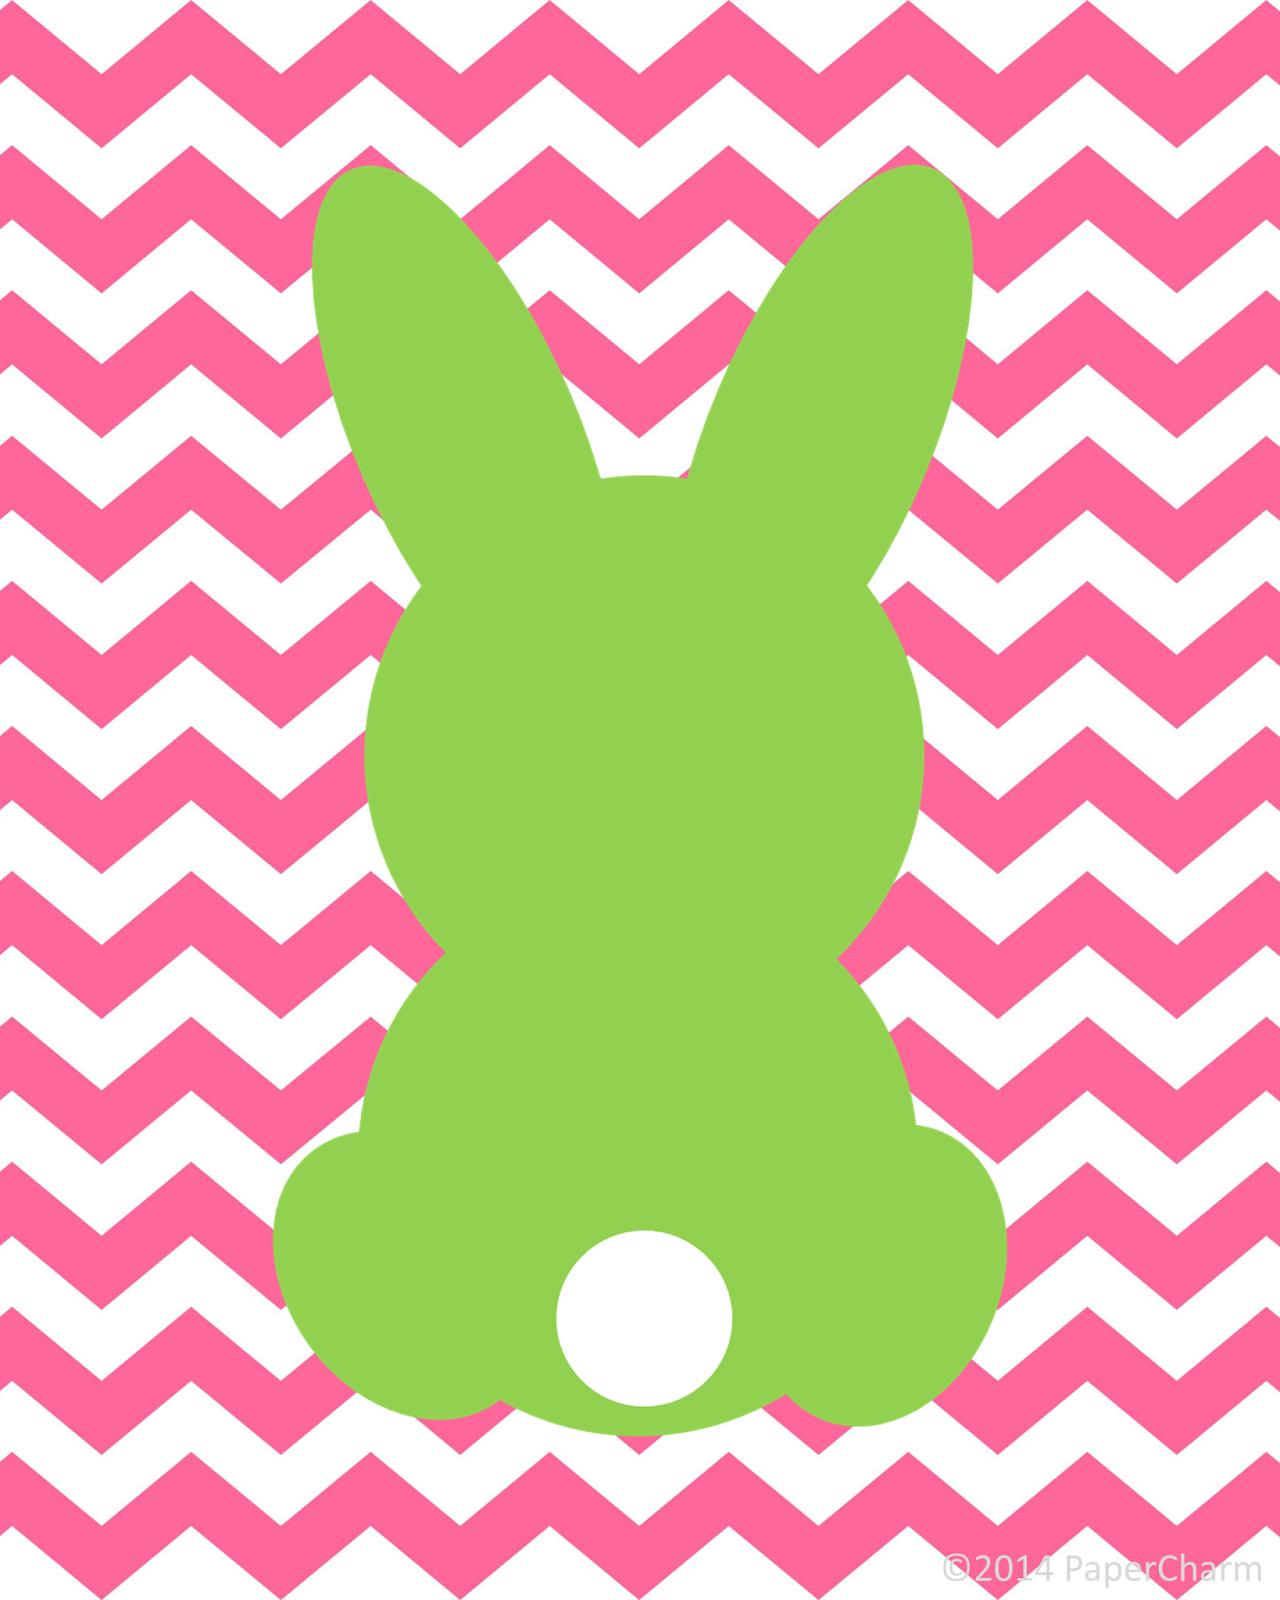 Free Bunny Printable Easter Art | Fun And Colorful Printable For - Free Printable Easter Bunting